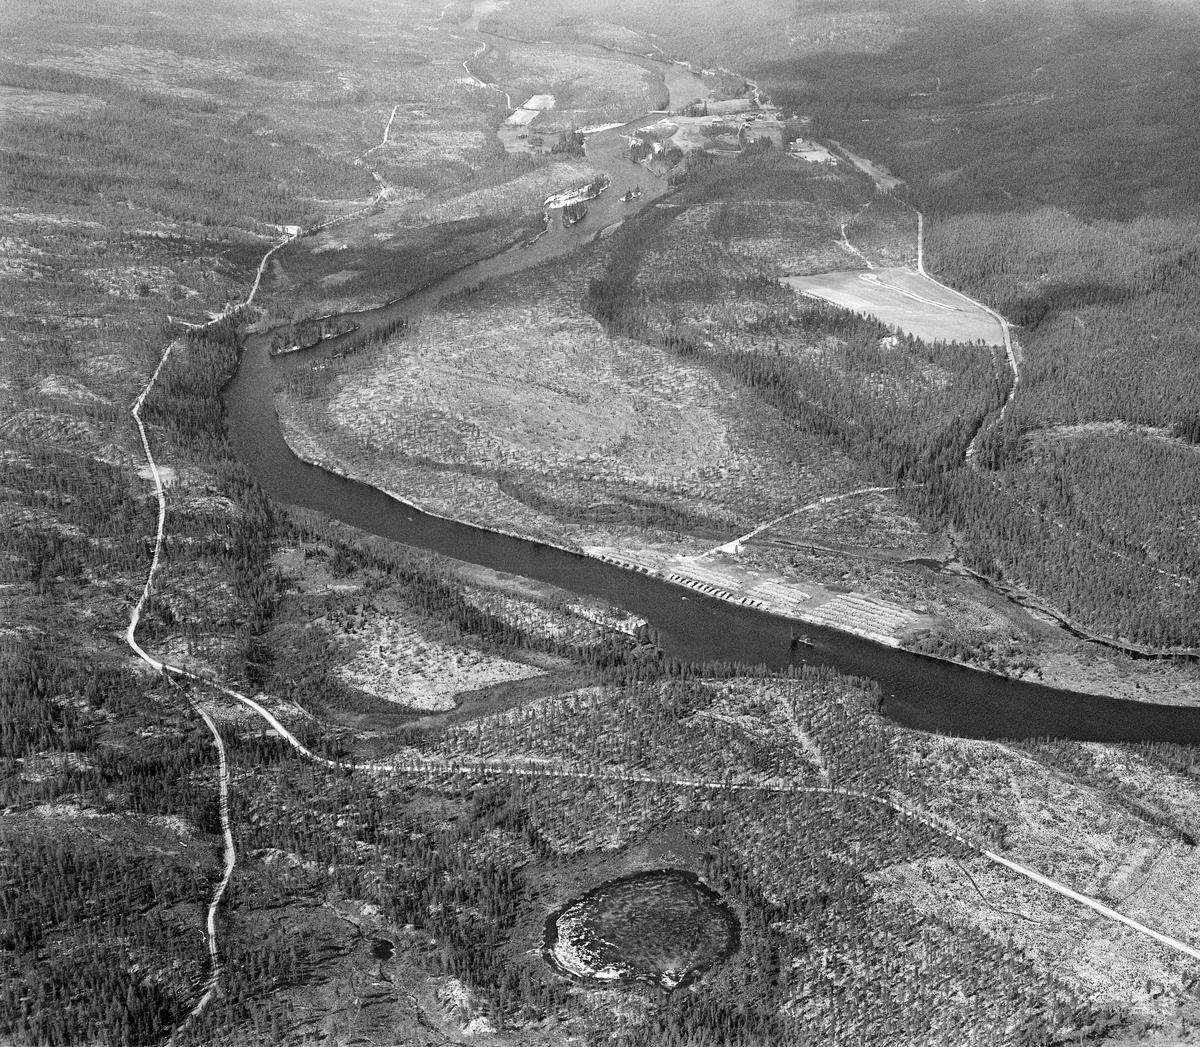 Flyfoto av tømmerterminalen på Kroken ved Femundselva (Trysilelva) i Engerdal.  Fotografiet ble tatt i midten av mai 1986, fra en posisjon i lufta med kameraet vendt nedover og nordover.  Den nevnte terminal- eller velteplassen skimtes ved østre elvebredd.  Den hadde adkomstveg fra fylkesveg 581 (strekningen mellom Sundet i Engerdal og Engerneset i Trysil), like ved Fiskvikkrokbekkens utløp i hovedvassdraget (her ved høyre bildekant).   Da dette fotografiet ble tatt lå det 5 000 kubikkmeter massevirke på denne plassen.  Bygginga av terminalplasser i Trysil og Engerdal ble mulig etter at det var bygd skogsbilveger som overflødiggjorde tømmerfløtinga i mange av de minste sidevassdragene.  Det var i 1965 at styret i Klarälvens Flottningsförening, i samråd med Trysilvassdragets skogeierforening, vedtok å bygge slike terminalplasser.  Her ble tømmeret handtert med digre griplastere, og i åra som fulgte ble det også investert i barkemaskiner, som overflødiggjorde mye av det tunge arbeidet med barkespader på hogstfeltene vinterstid. Den ringformete forsenkningen i terrenget sentralt i forgrunnen kalles Kroktjønna eller Rankviktjønna.